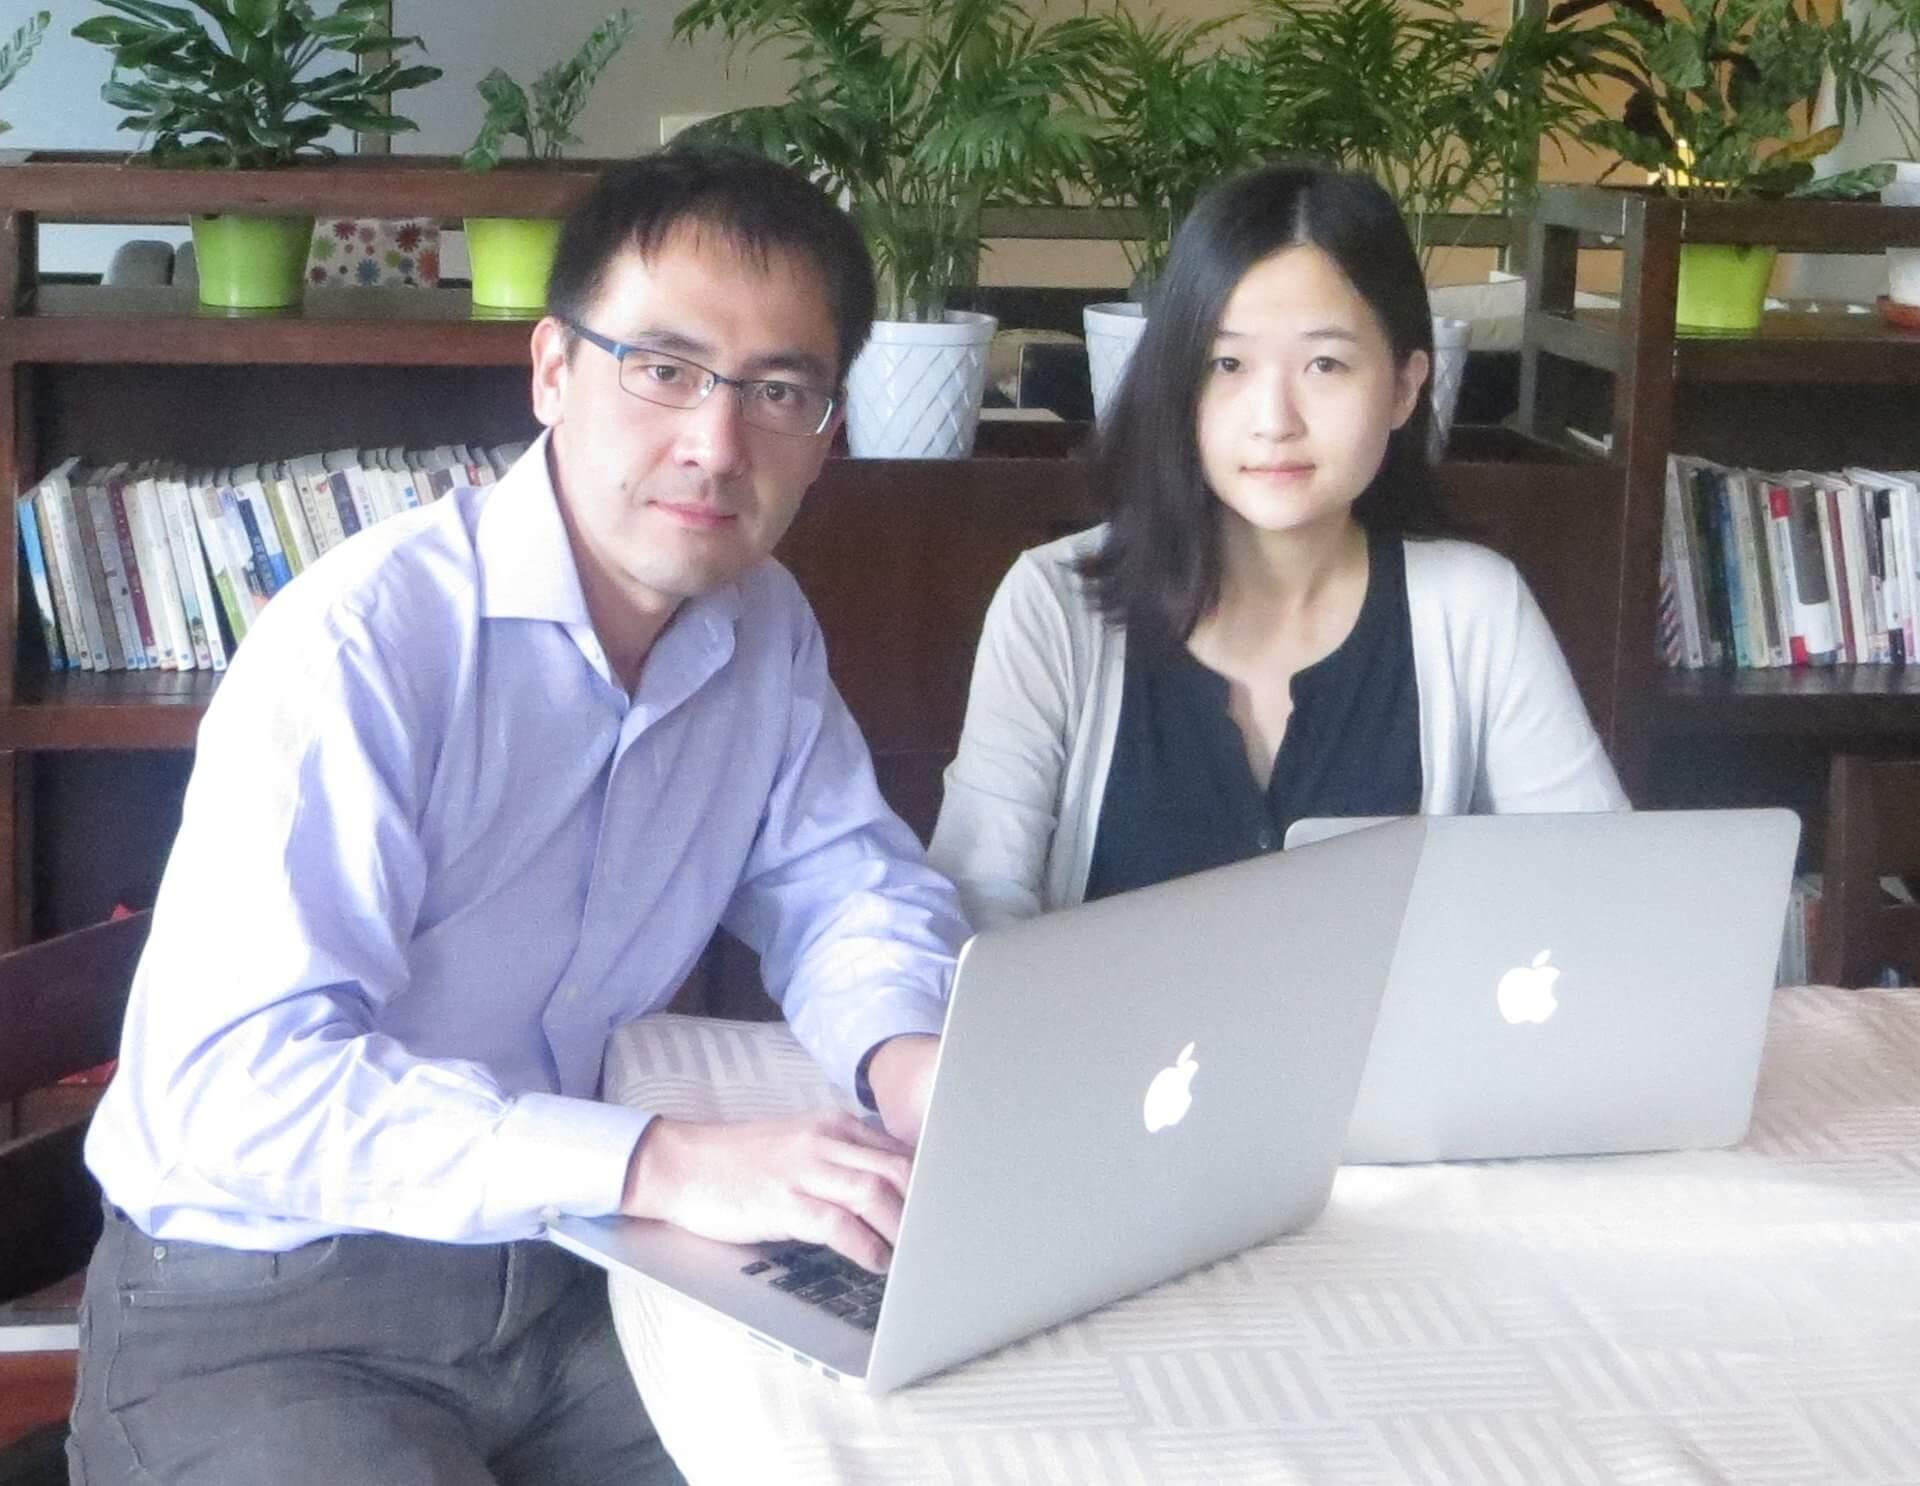 David Zhang and J. Sherry Wang